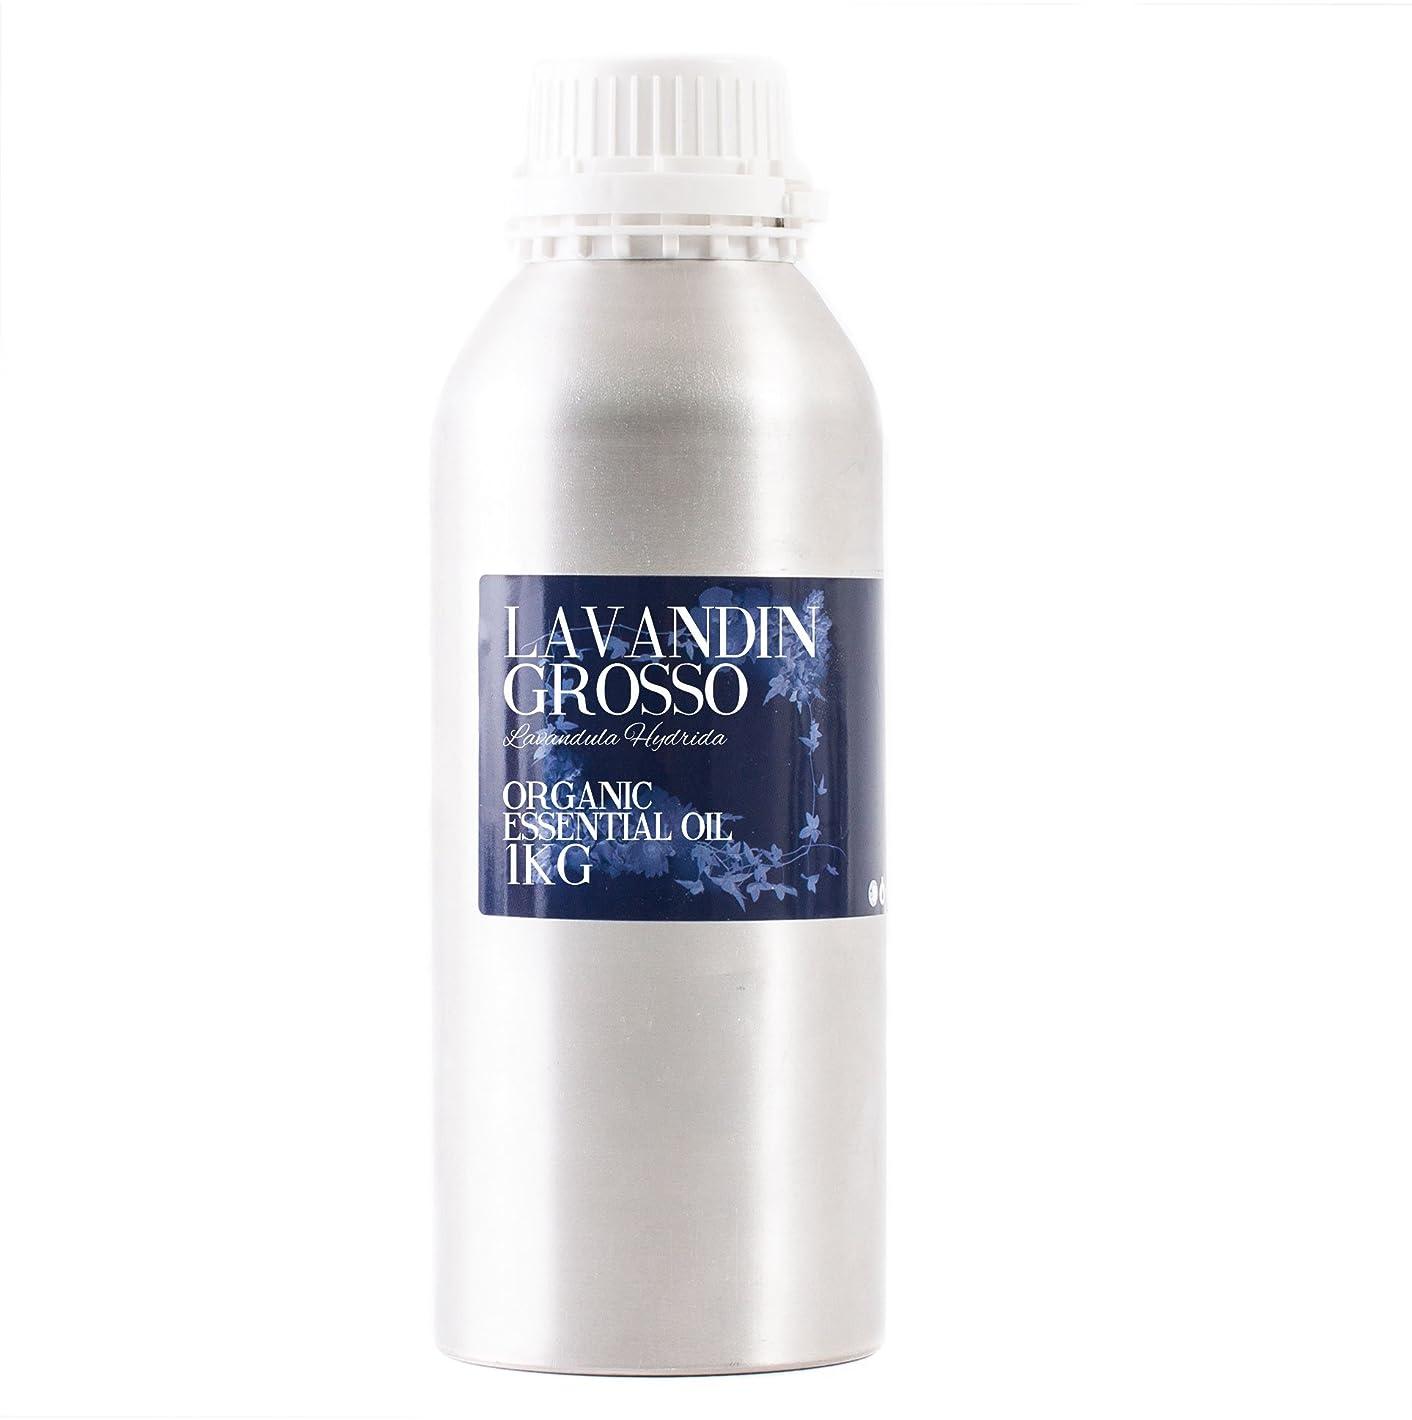 コメンテーター船上ローンMystic Moments | Lavandin Grosso Organic Essential Oil - 1Kg - 100% Pure